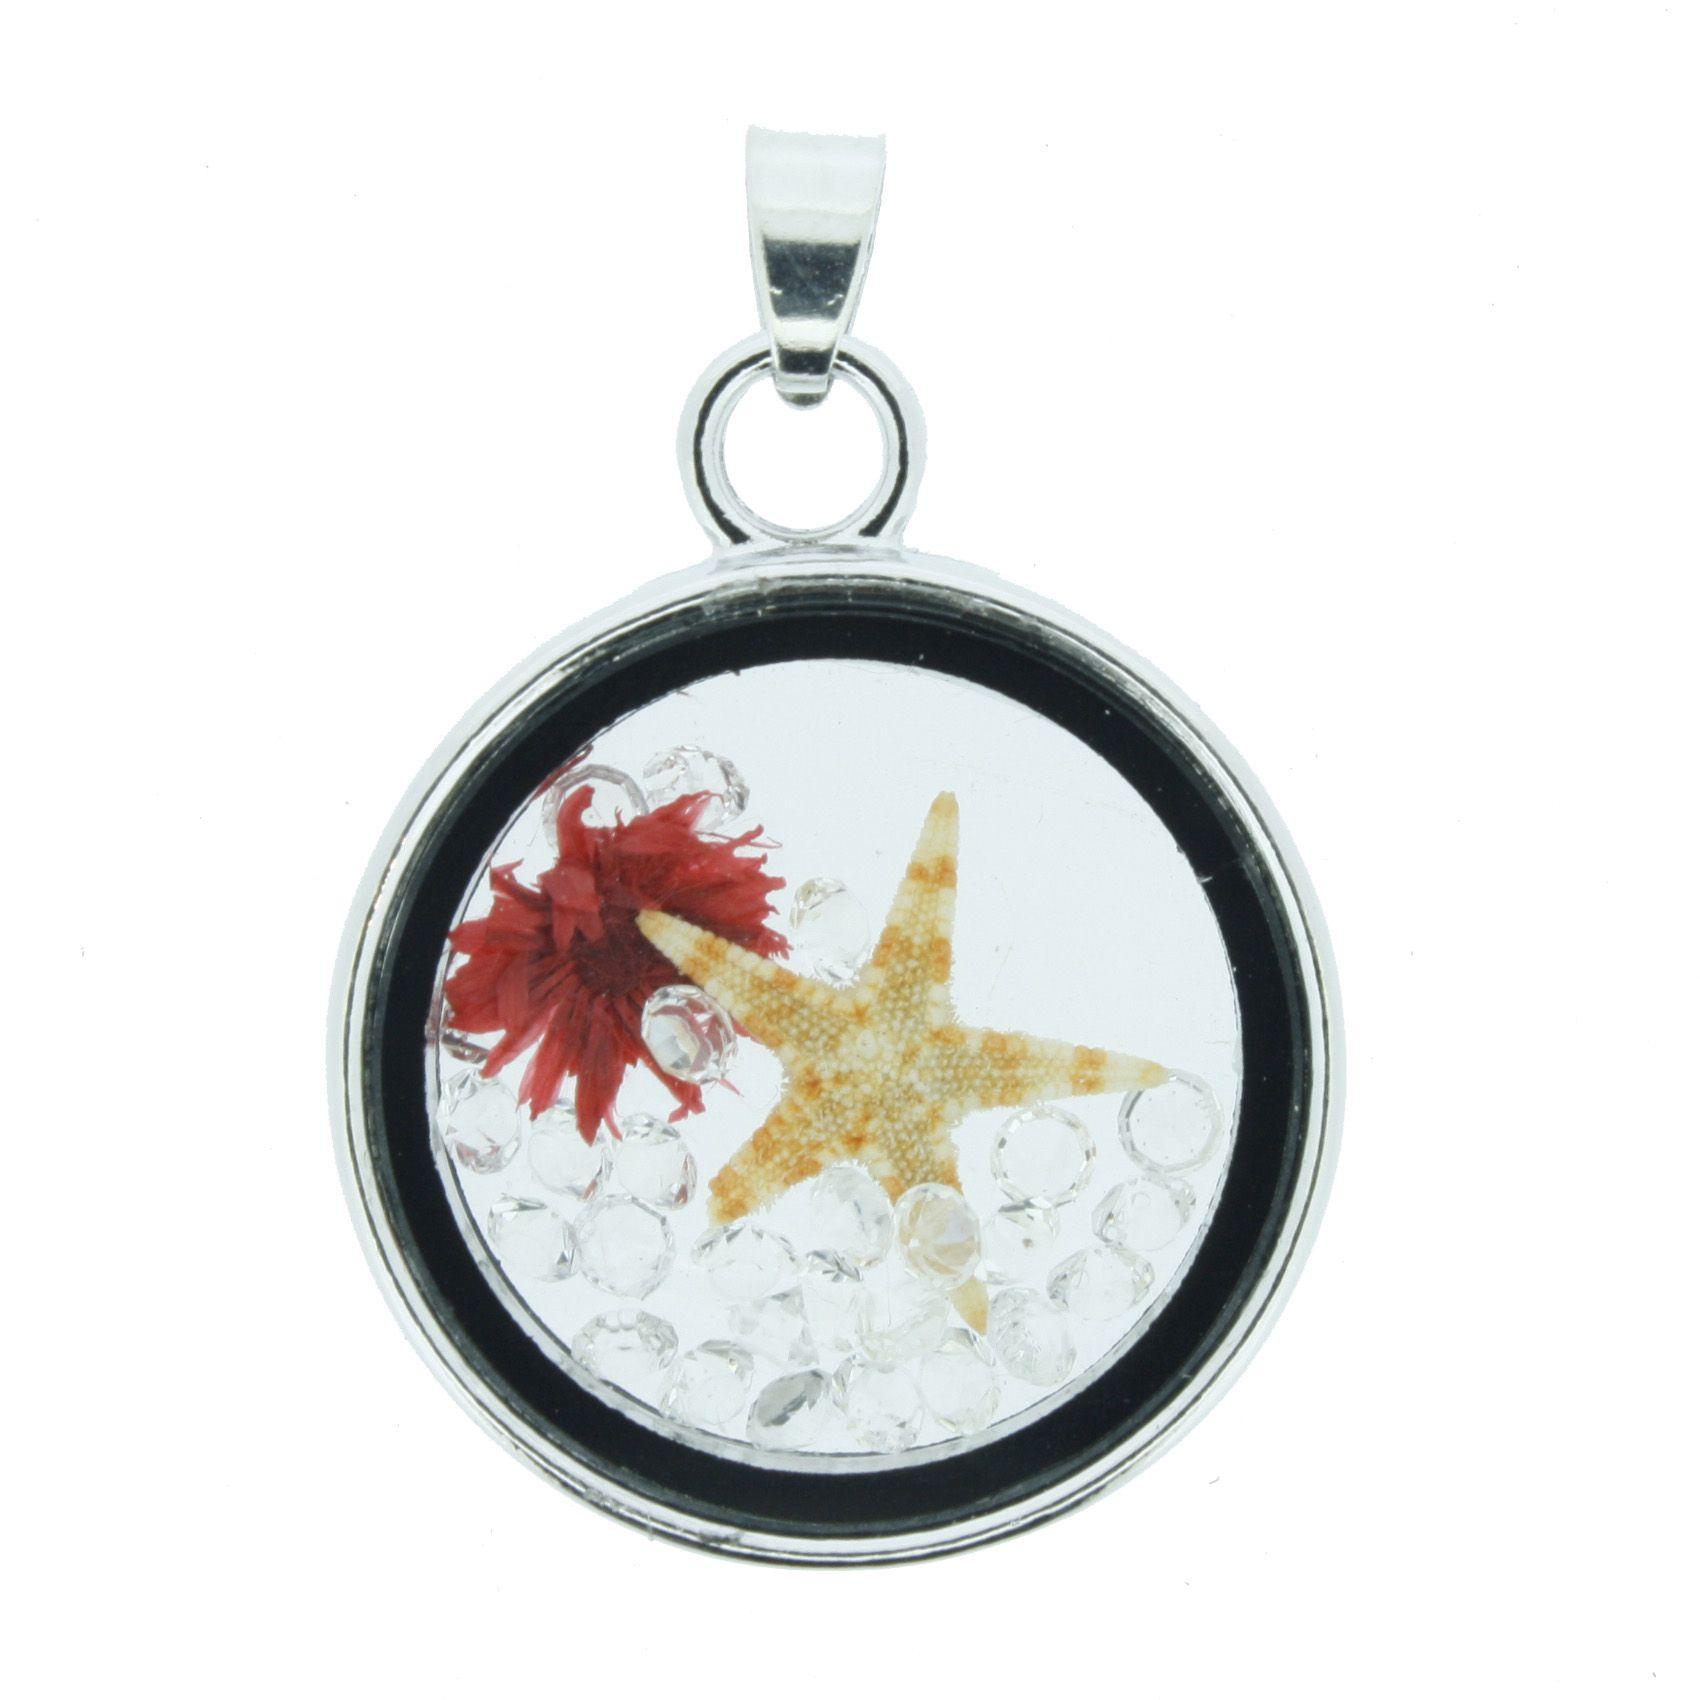 Cápsula Fundo do Mar - Transparente com Vermelho - 28mm  - Stéphanie Bijoux® - Peças para Bijuterias e Artesanato